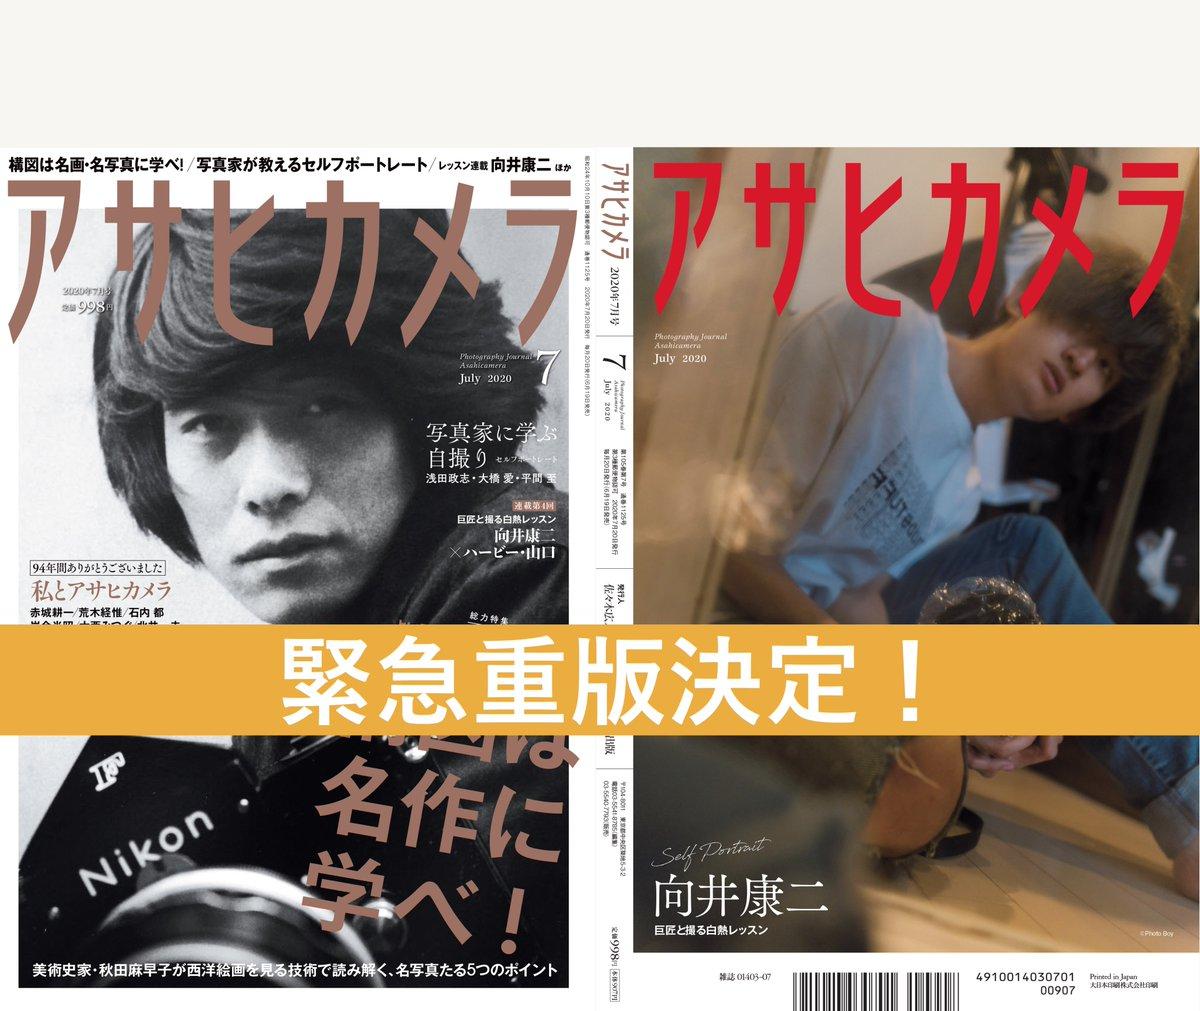 """アサヒカメラ編集部 on Twitter: """"アサヒカメラ 7月号の重版決定を受け ..."""